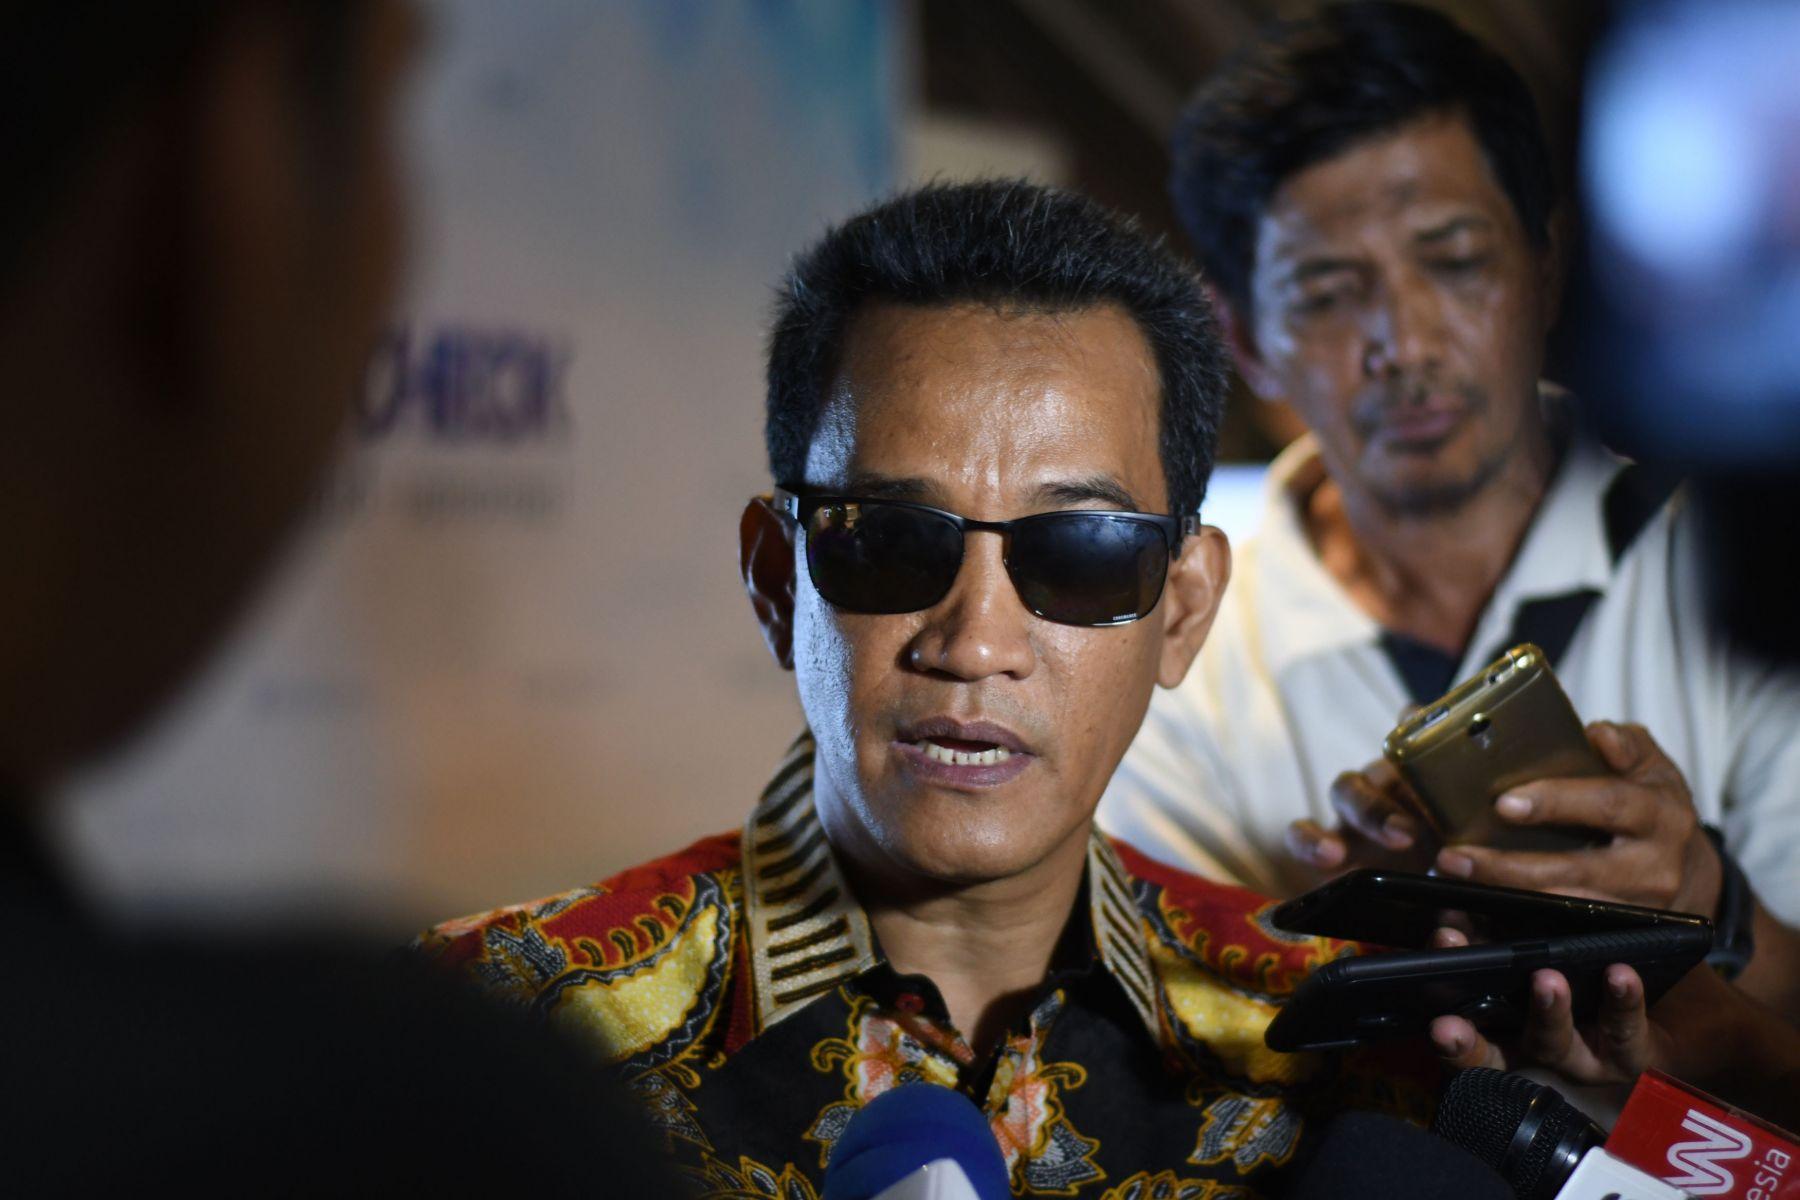 Soroti Beda Cara RI & Malaysia Turunkan Kepala Negaranya, Refly Harun: Di Sini Kekuasaan Jadi Sumber Kenikmatan!